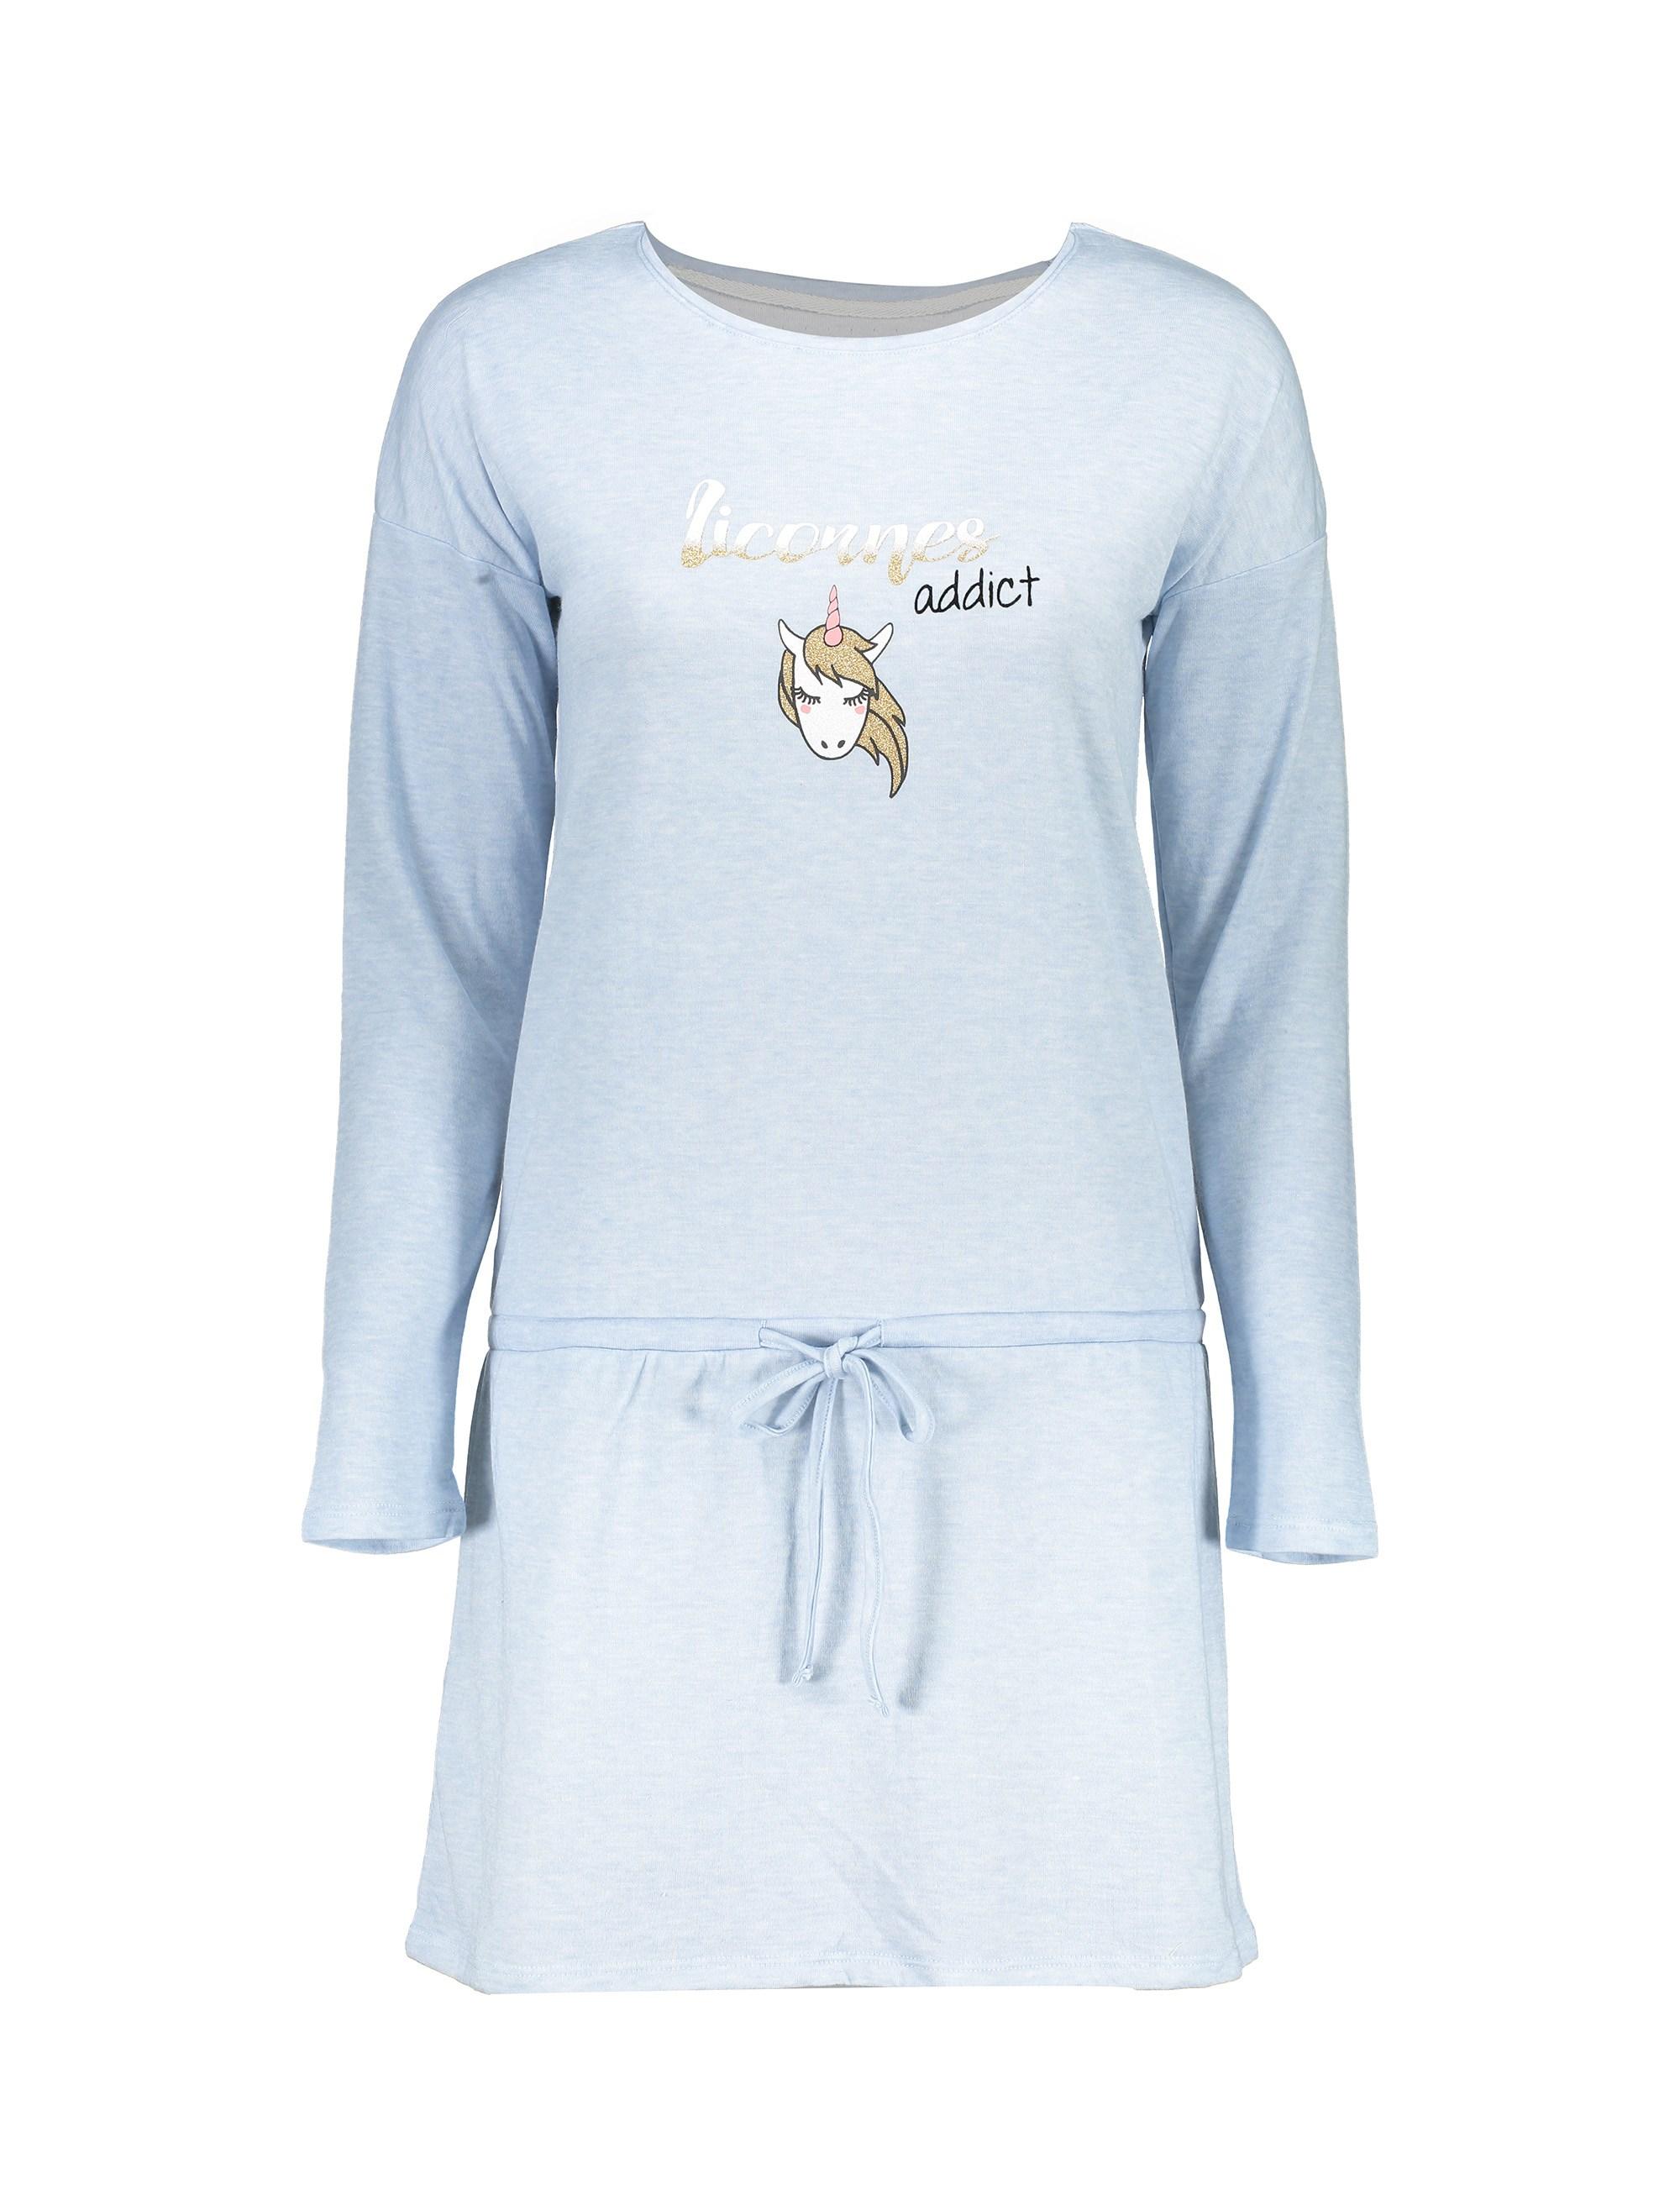 پیراهن خواب زنانه - اتام              👗